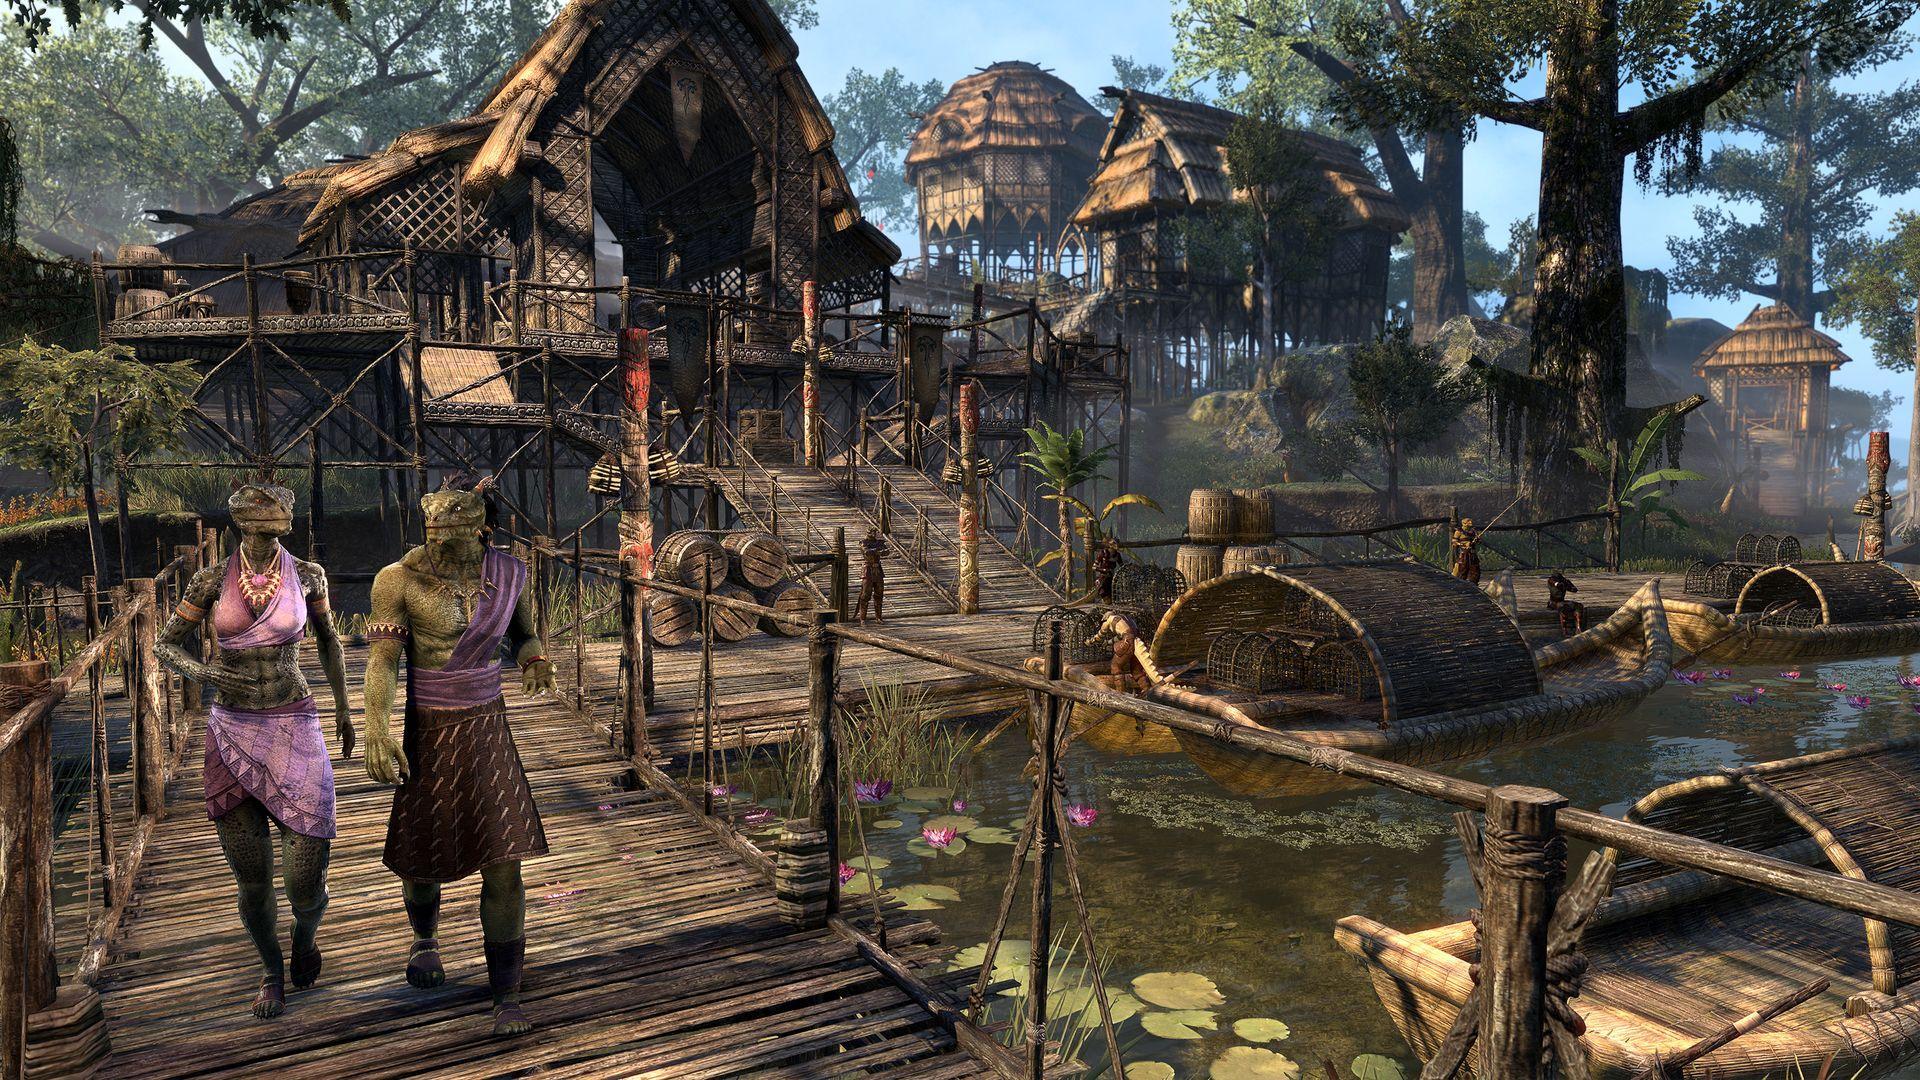 Elder Scrolls Online focuses on werewolves, Argonians with next DLC